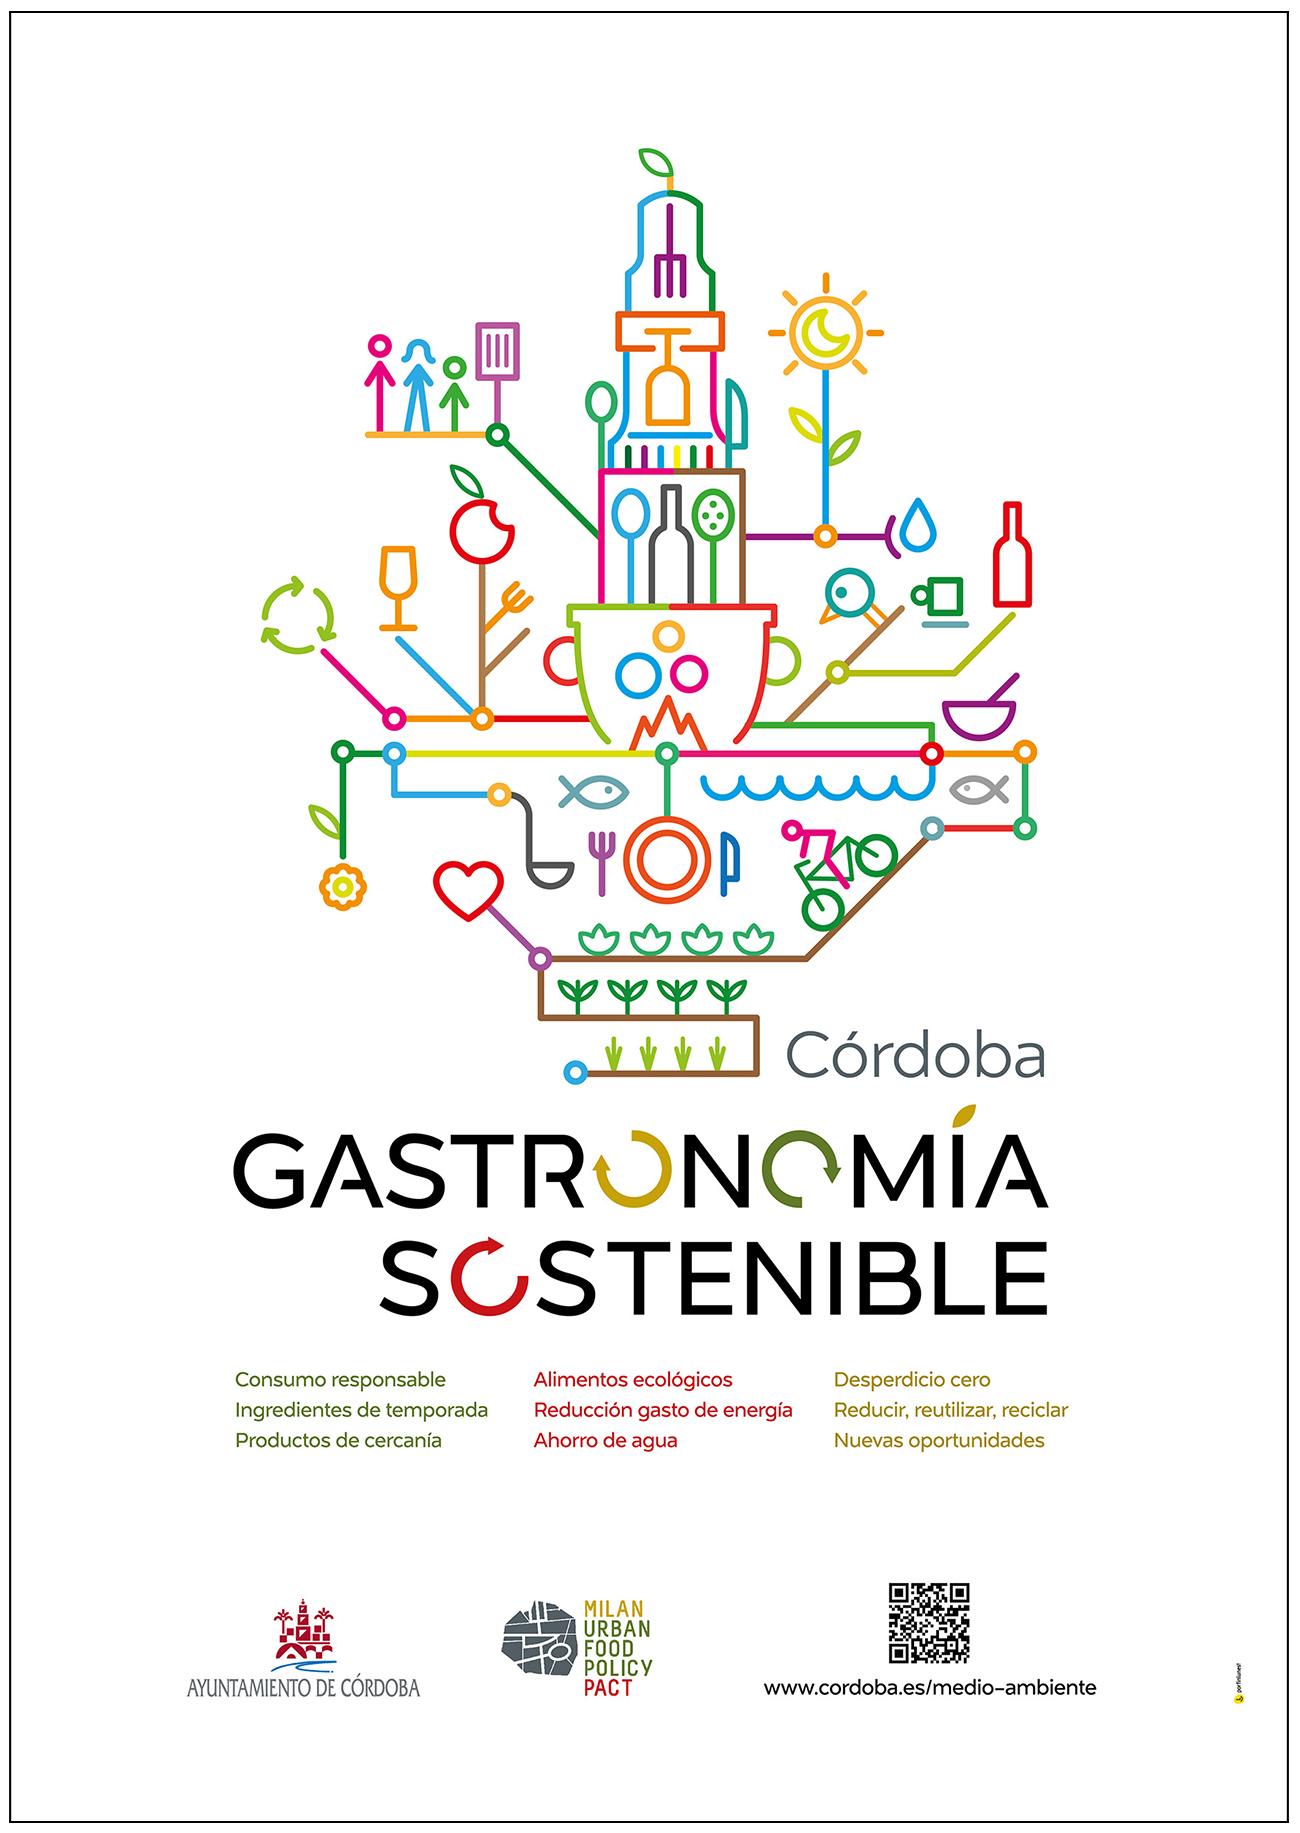 grafica-gastronomia